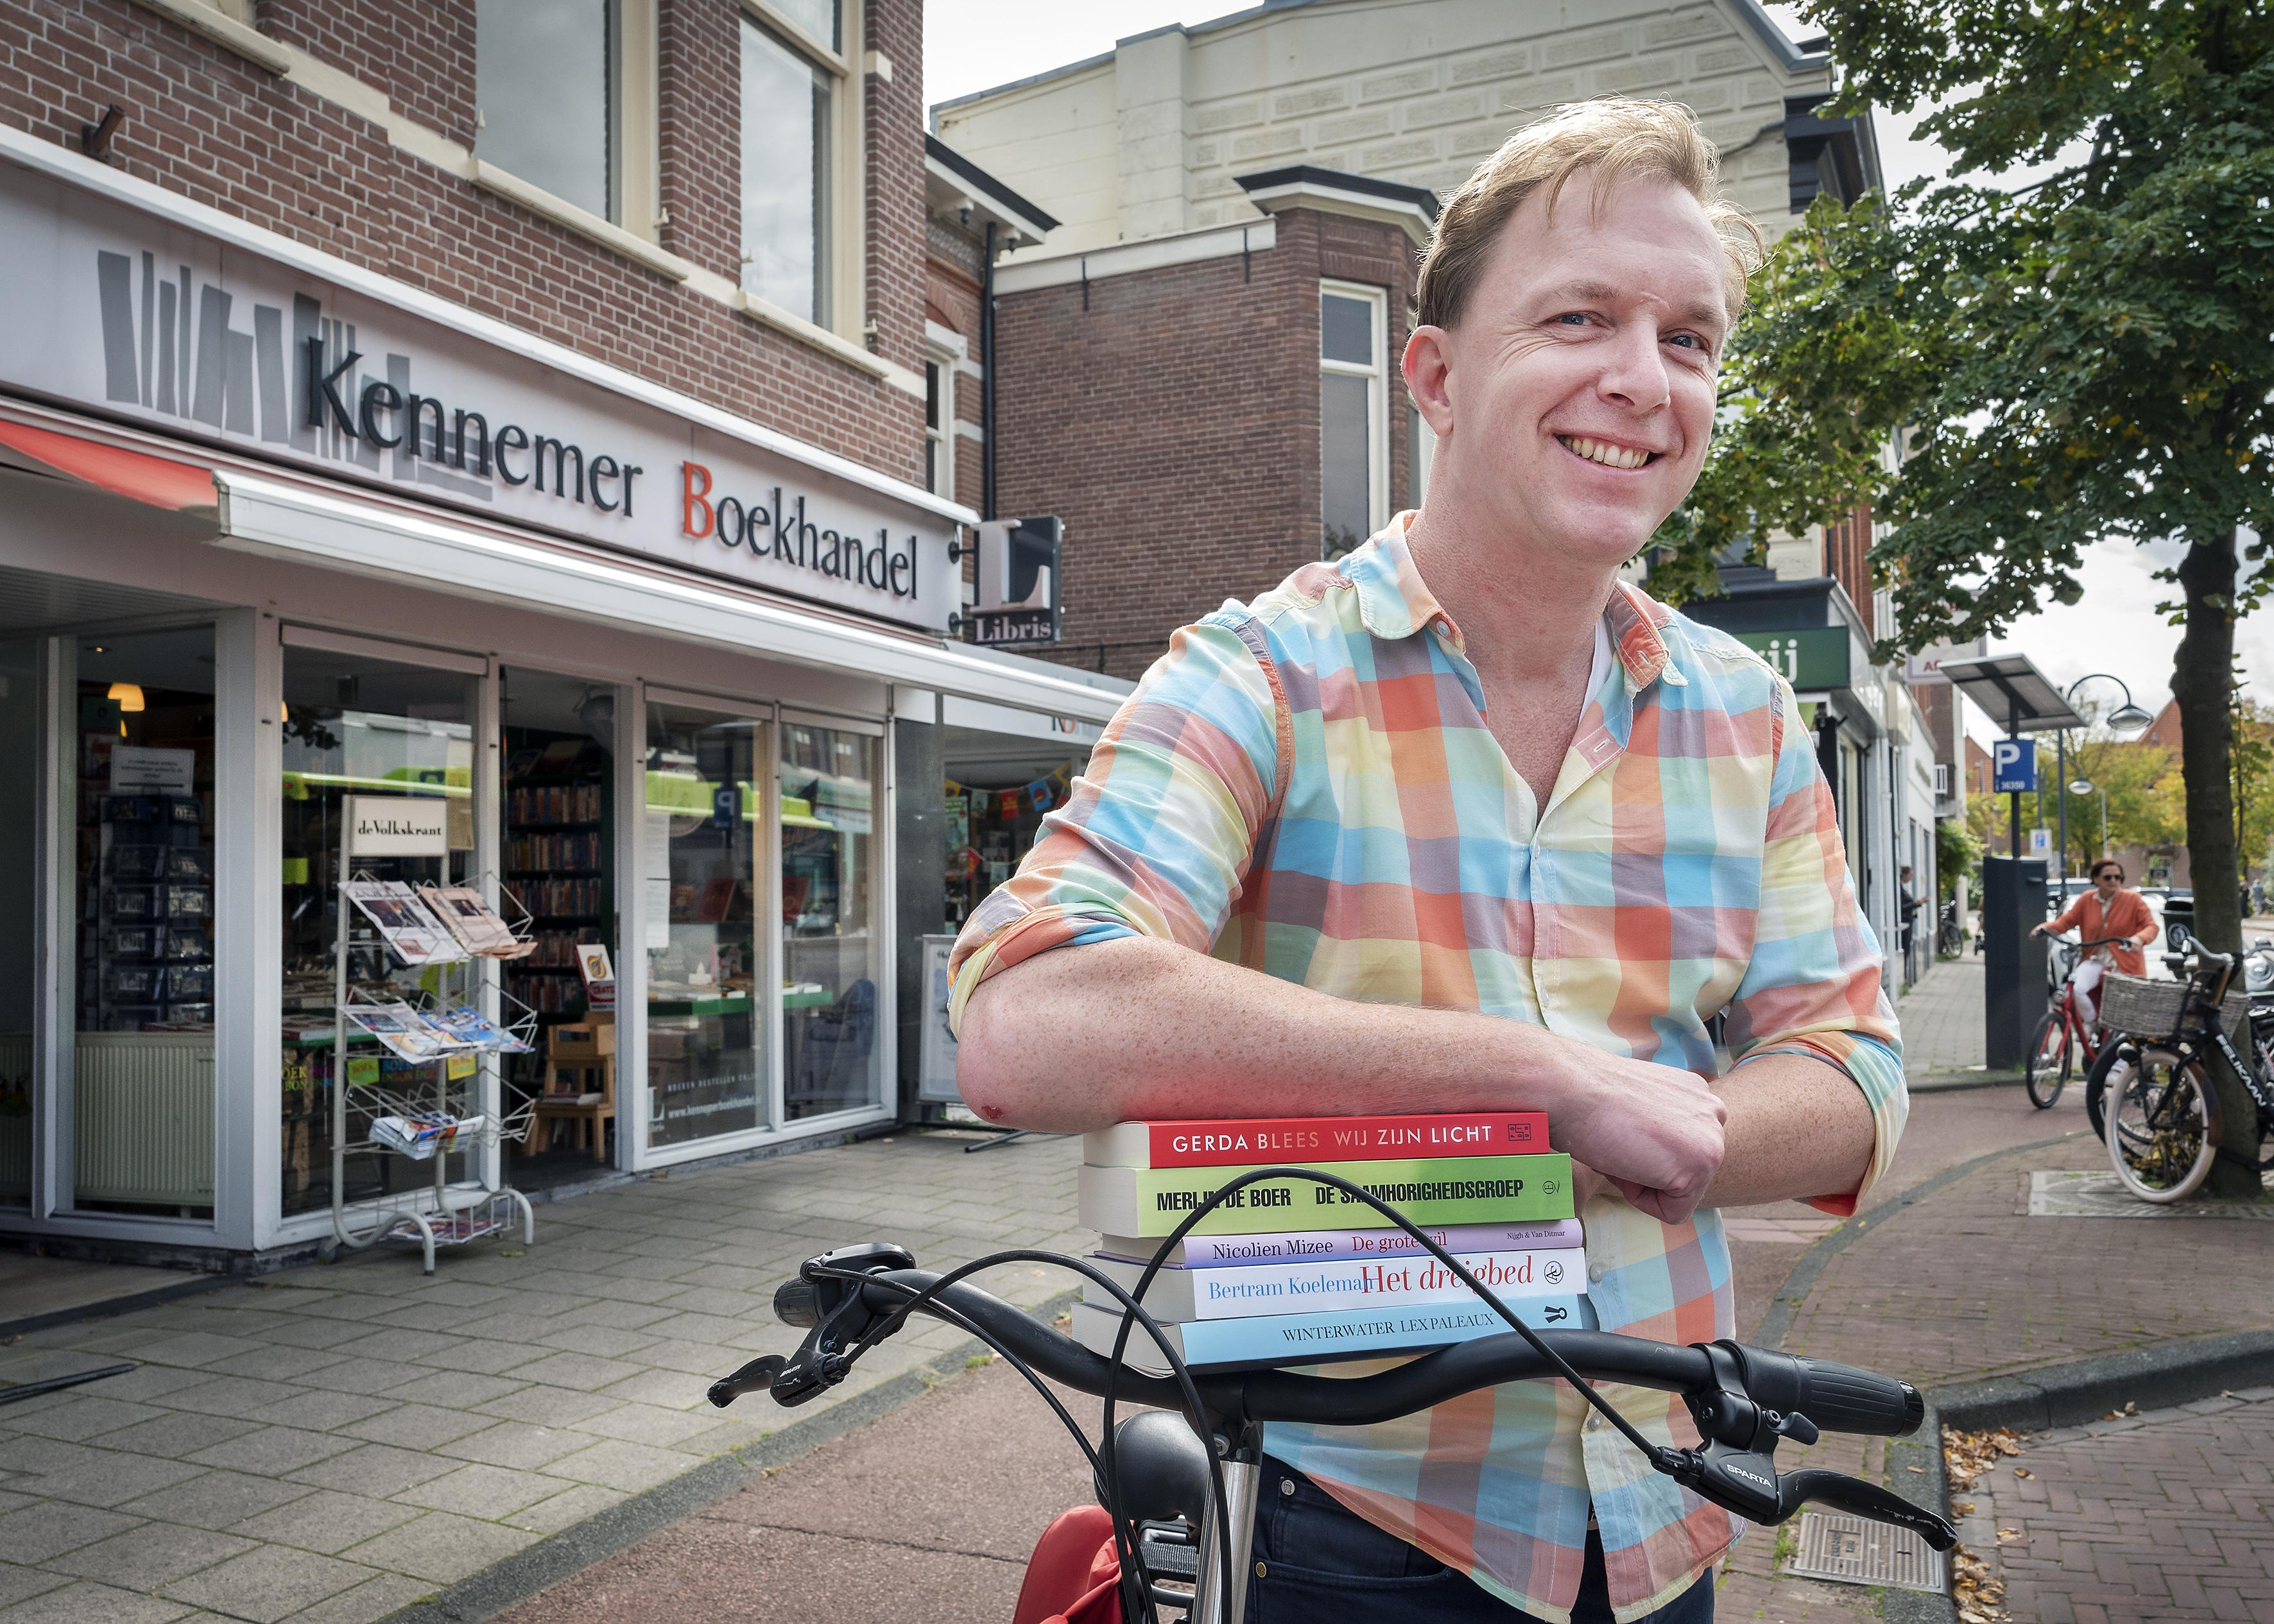 Vraagtekens en ongeloof bij ontslagen Athenaeum: de betere boekhandel in regio Haarlem floreert juist in coronacrisis